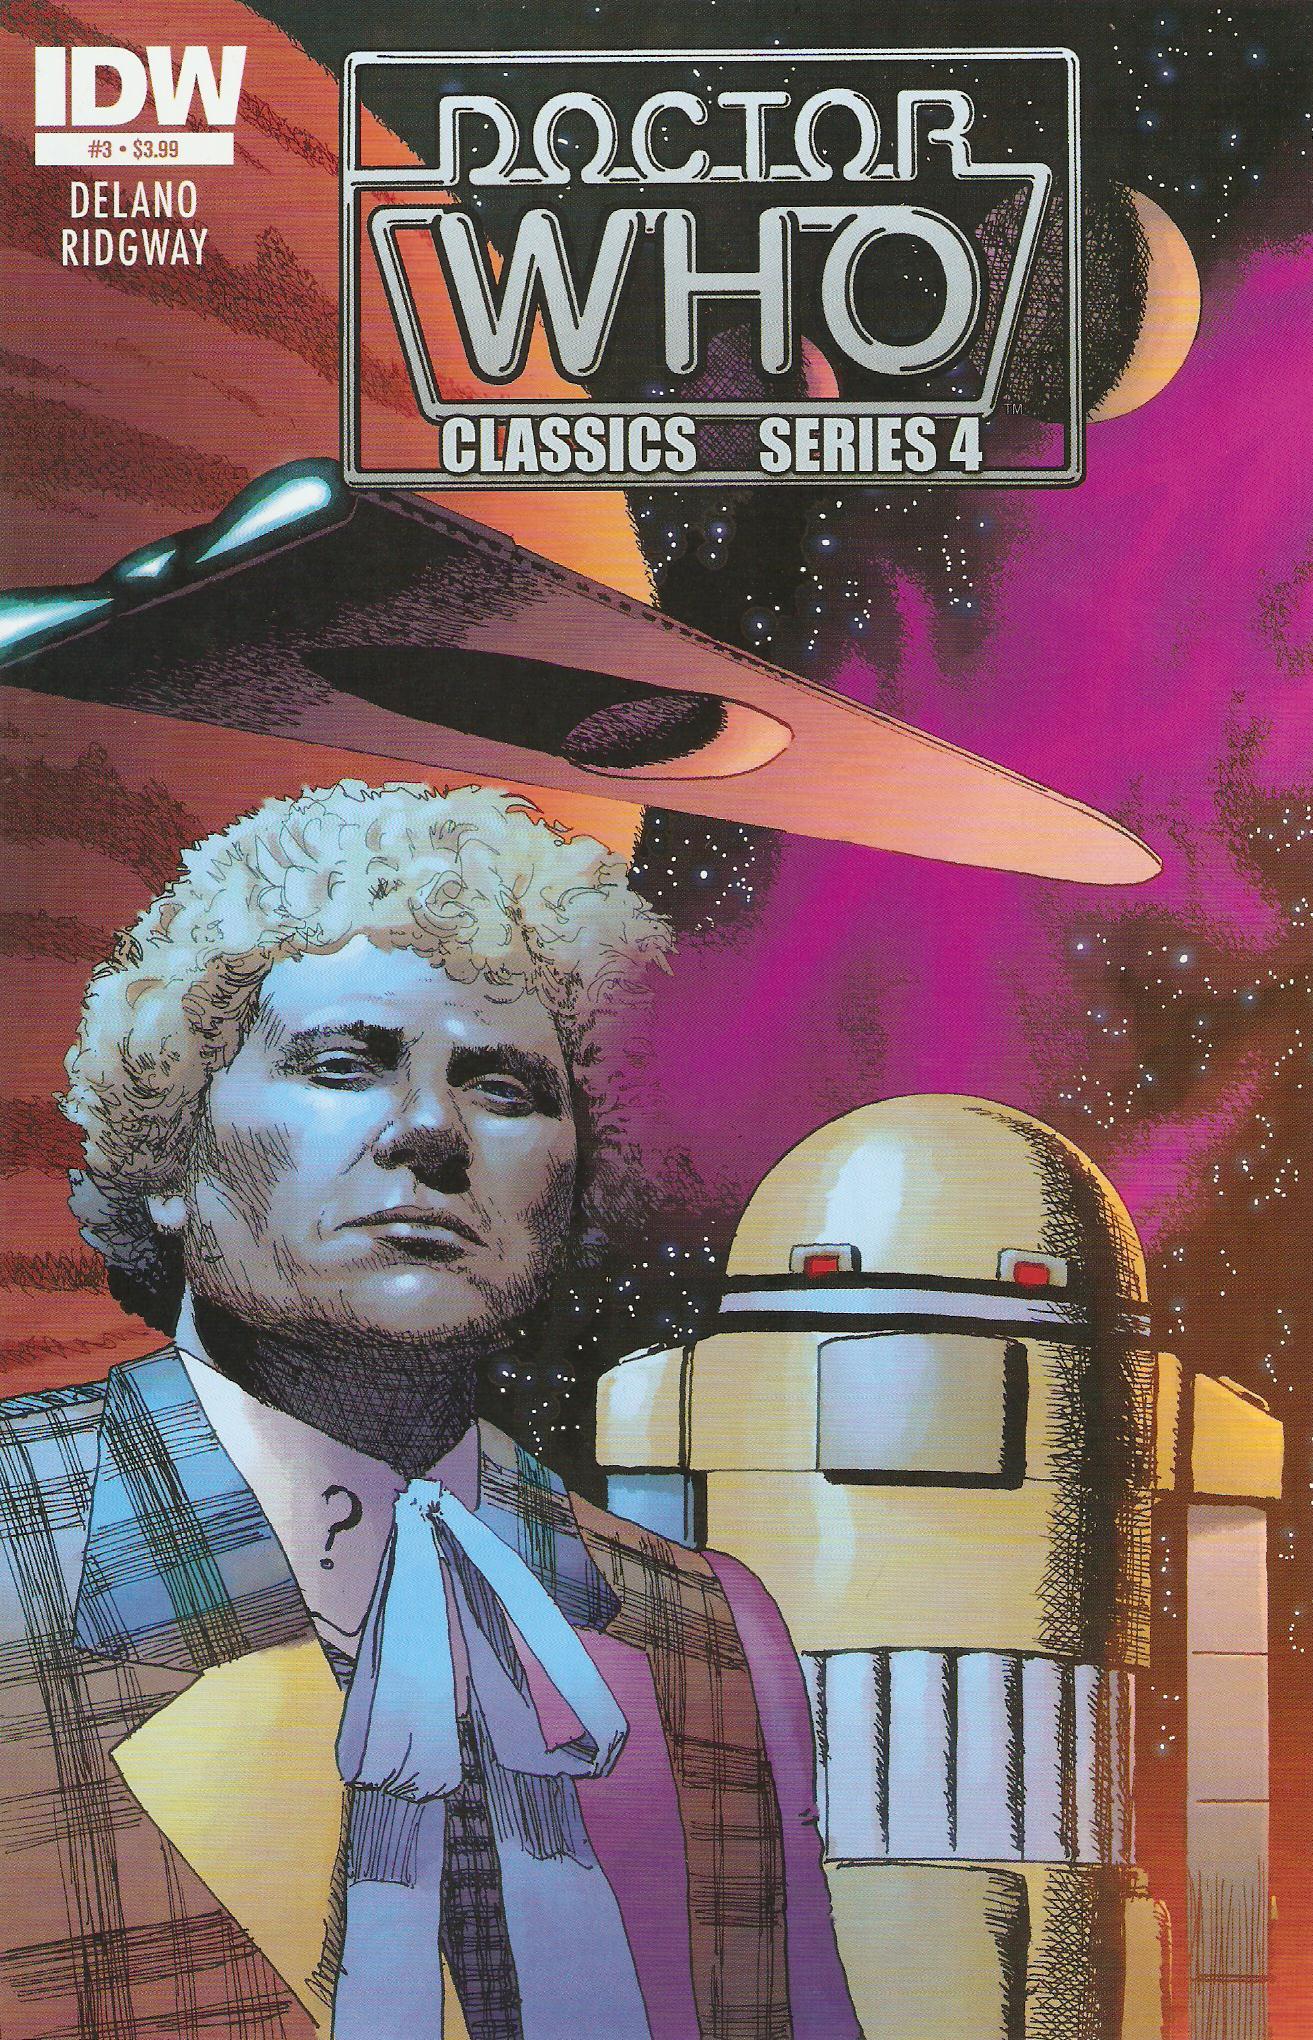 Classics series 4 issue 3